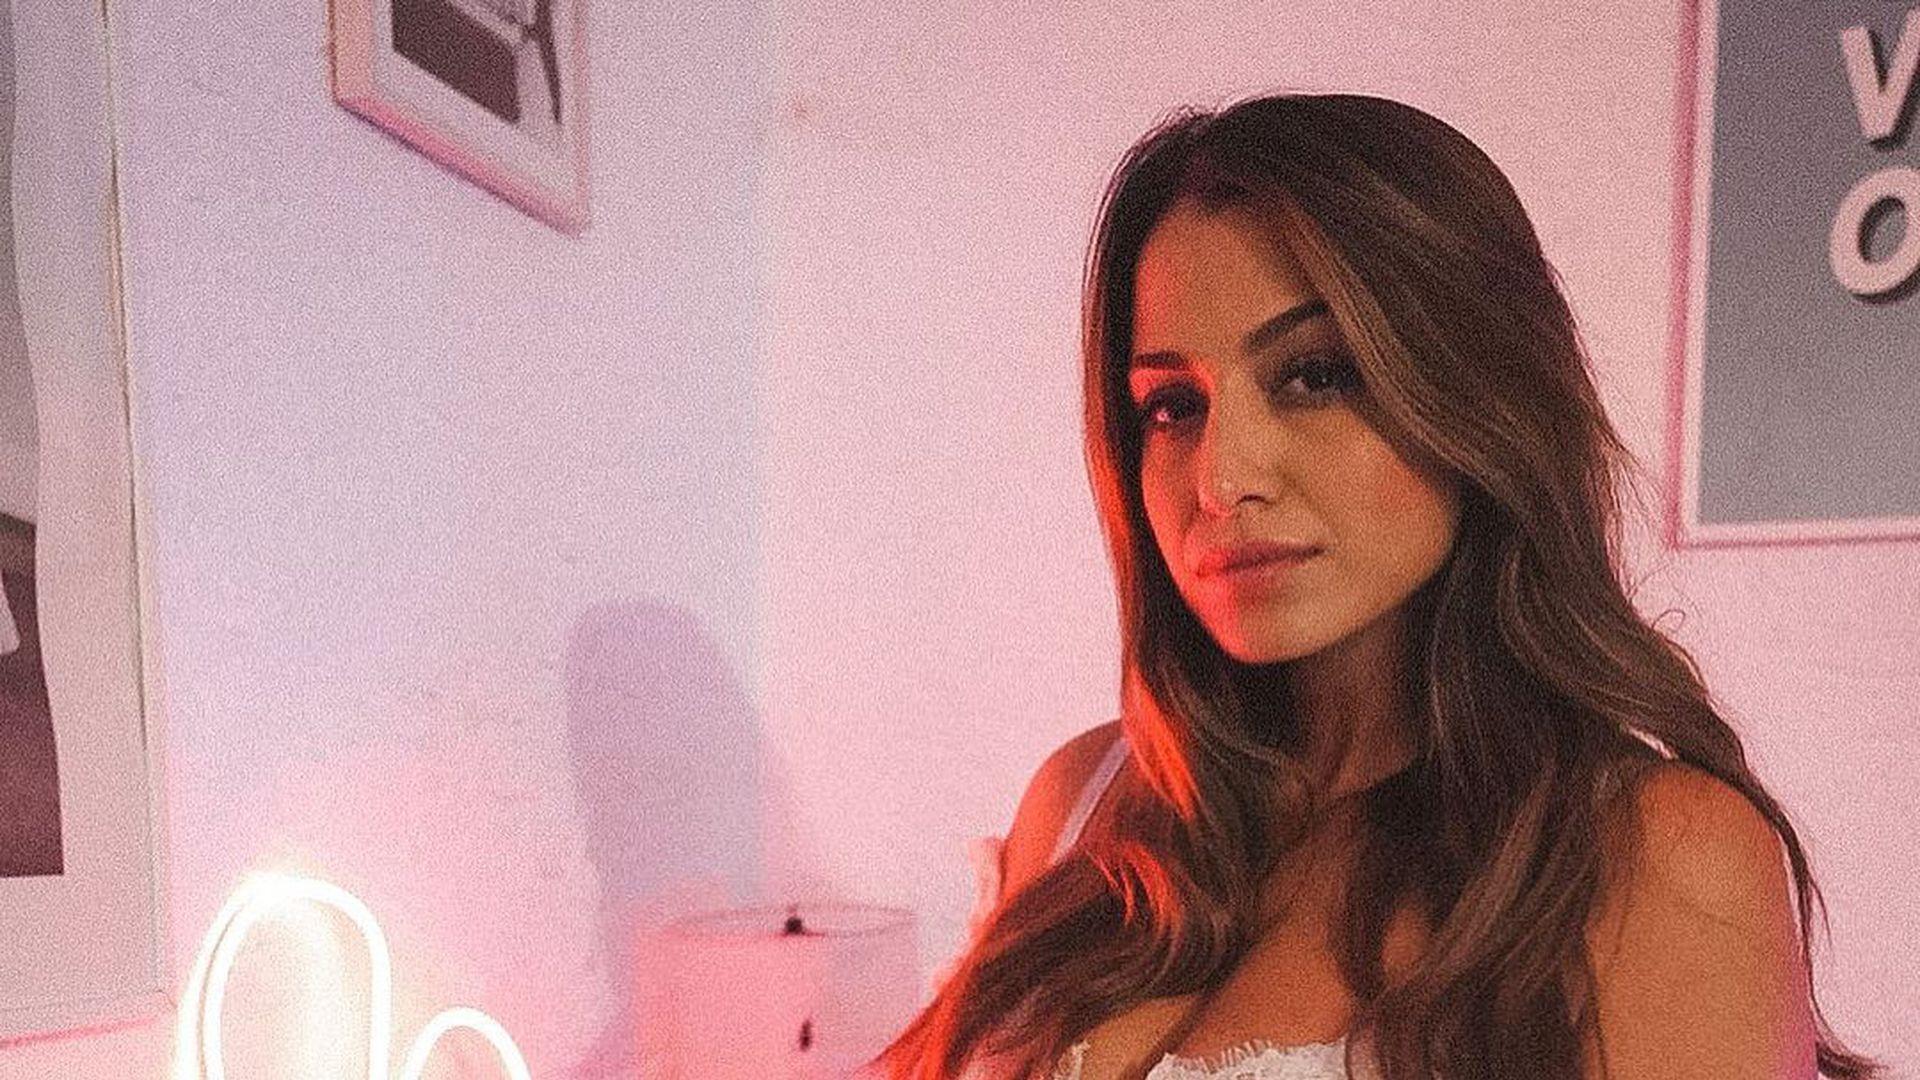 Alessia berlin tag und nacht nackt video